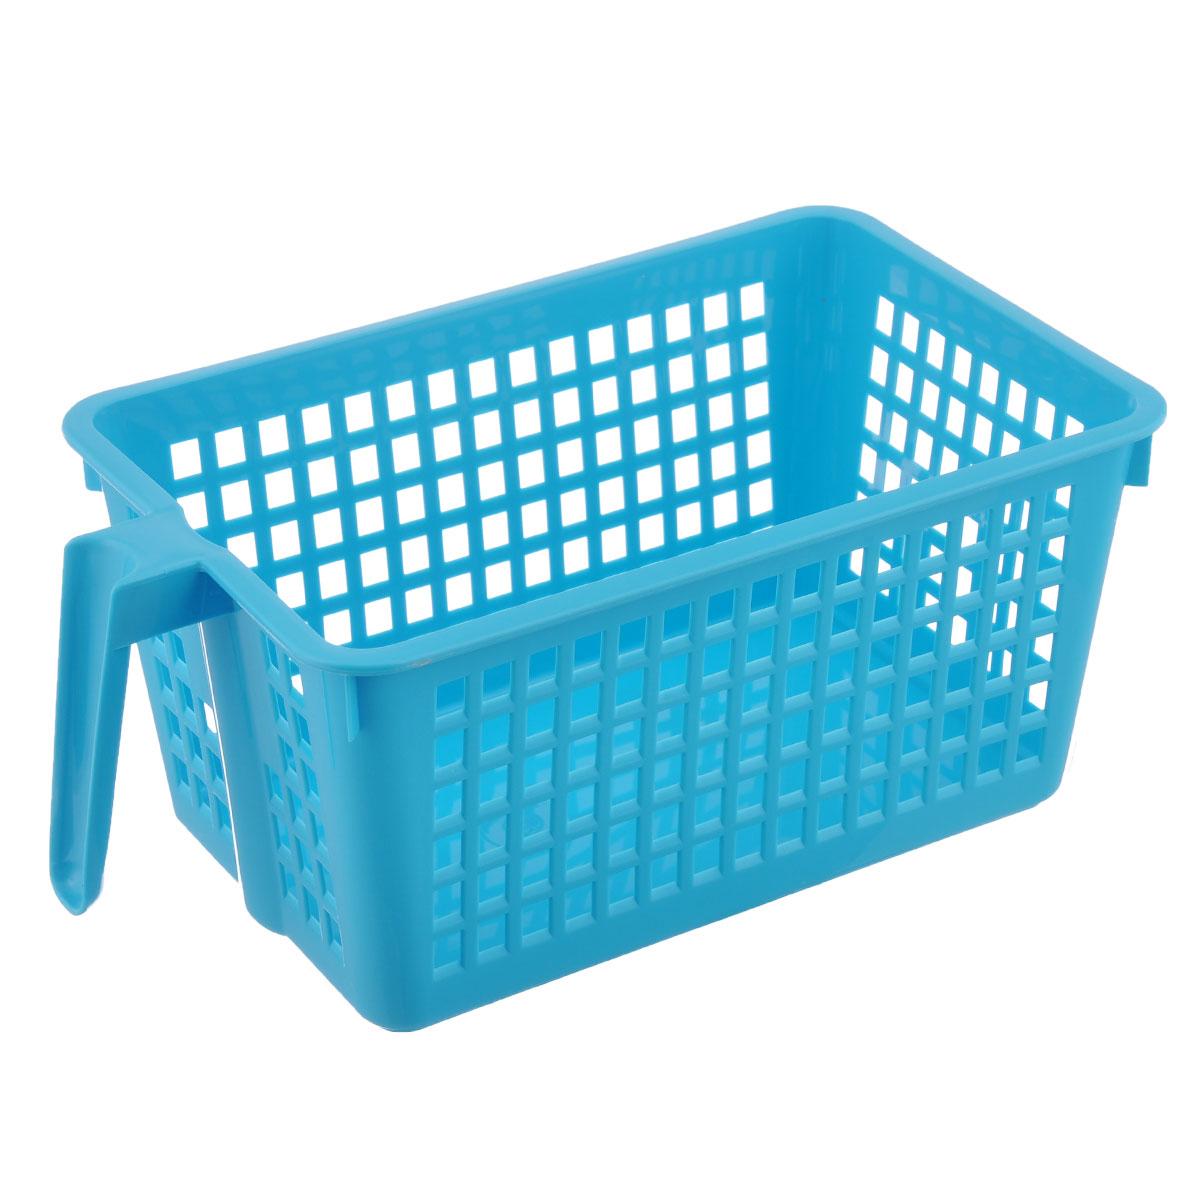 Корзинка универсальная Econova, с ручкой, цвет: голубой, 28 х 16 х 12 см96515412Универсальная корзинка Econova изготовлена из высококачественного пластика и предназначена для хранения и транспортировки вещей. Корзинка подойдет как для пищевых продуктов, так и для ванных принадлежностей и различных мелочей. Изделие оснащено ручкой для более удобной транспортировки. Стенки корзинки оформлены перфорацией, что обеспечивает естественную вентиляцию. Универсальная корзинка Econova позволит вам хранить вещи компактно и с удобством.